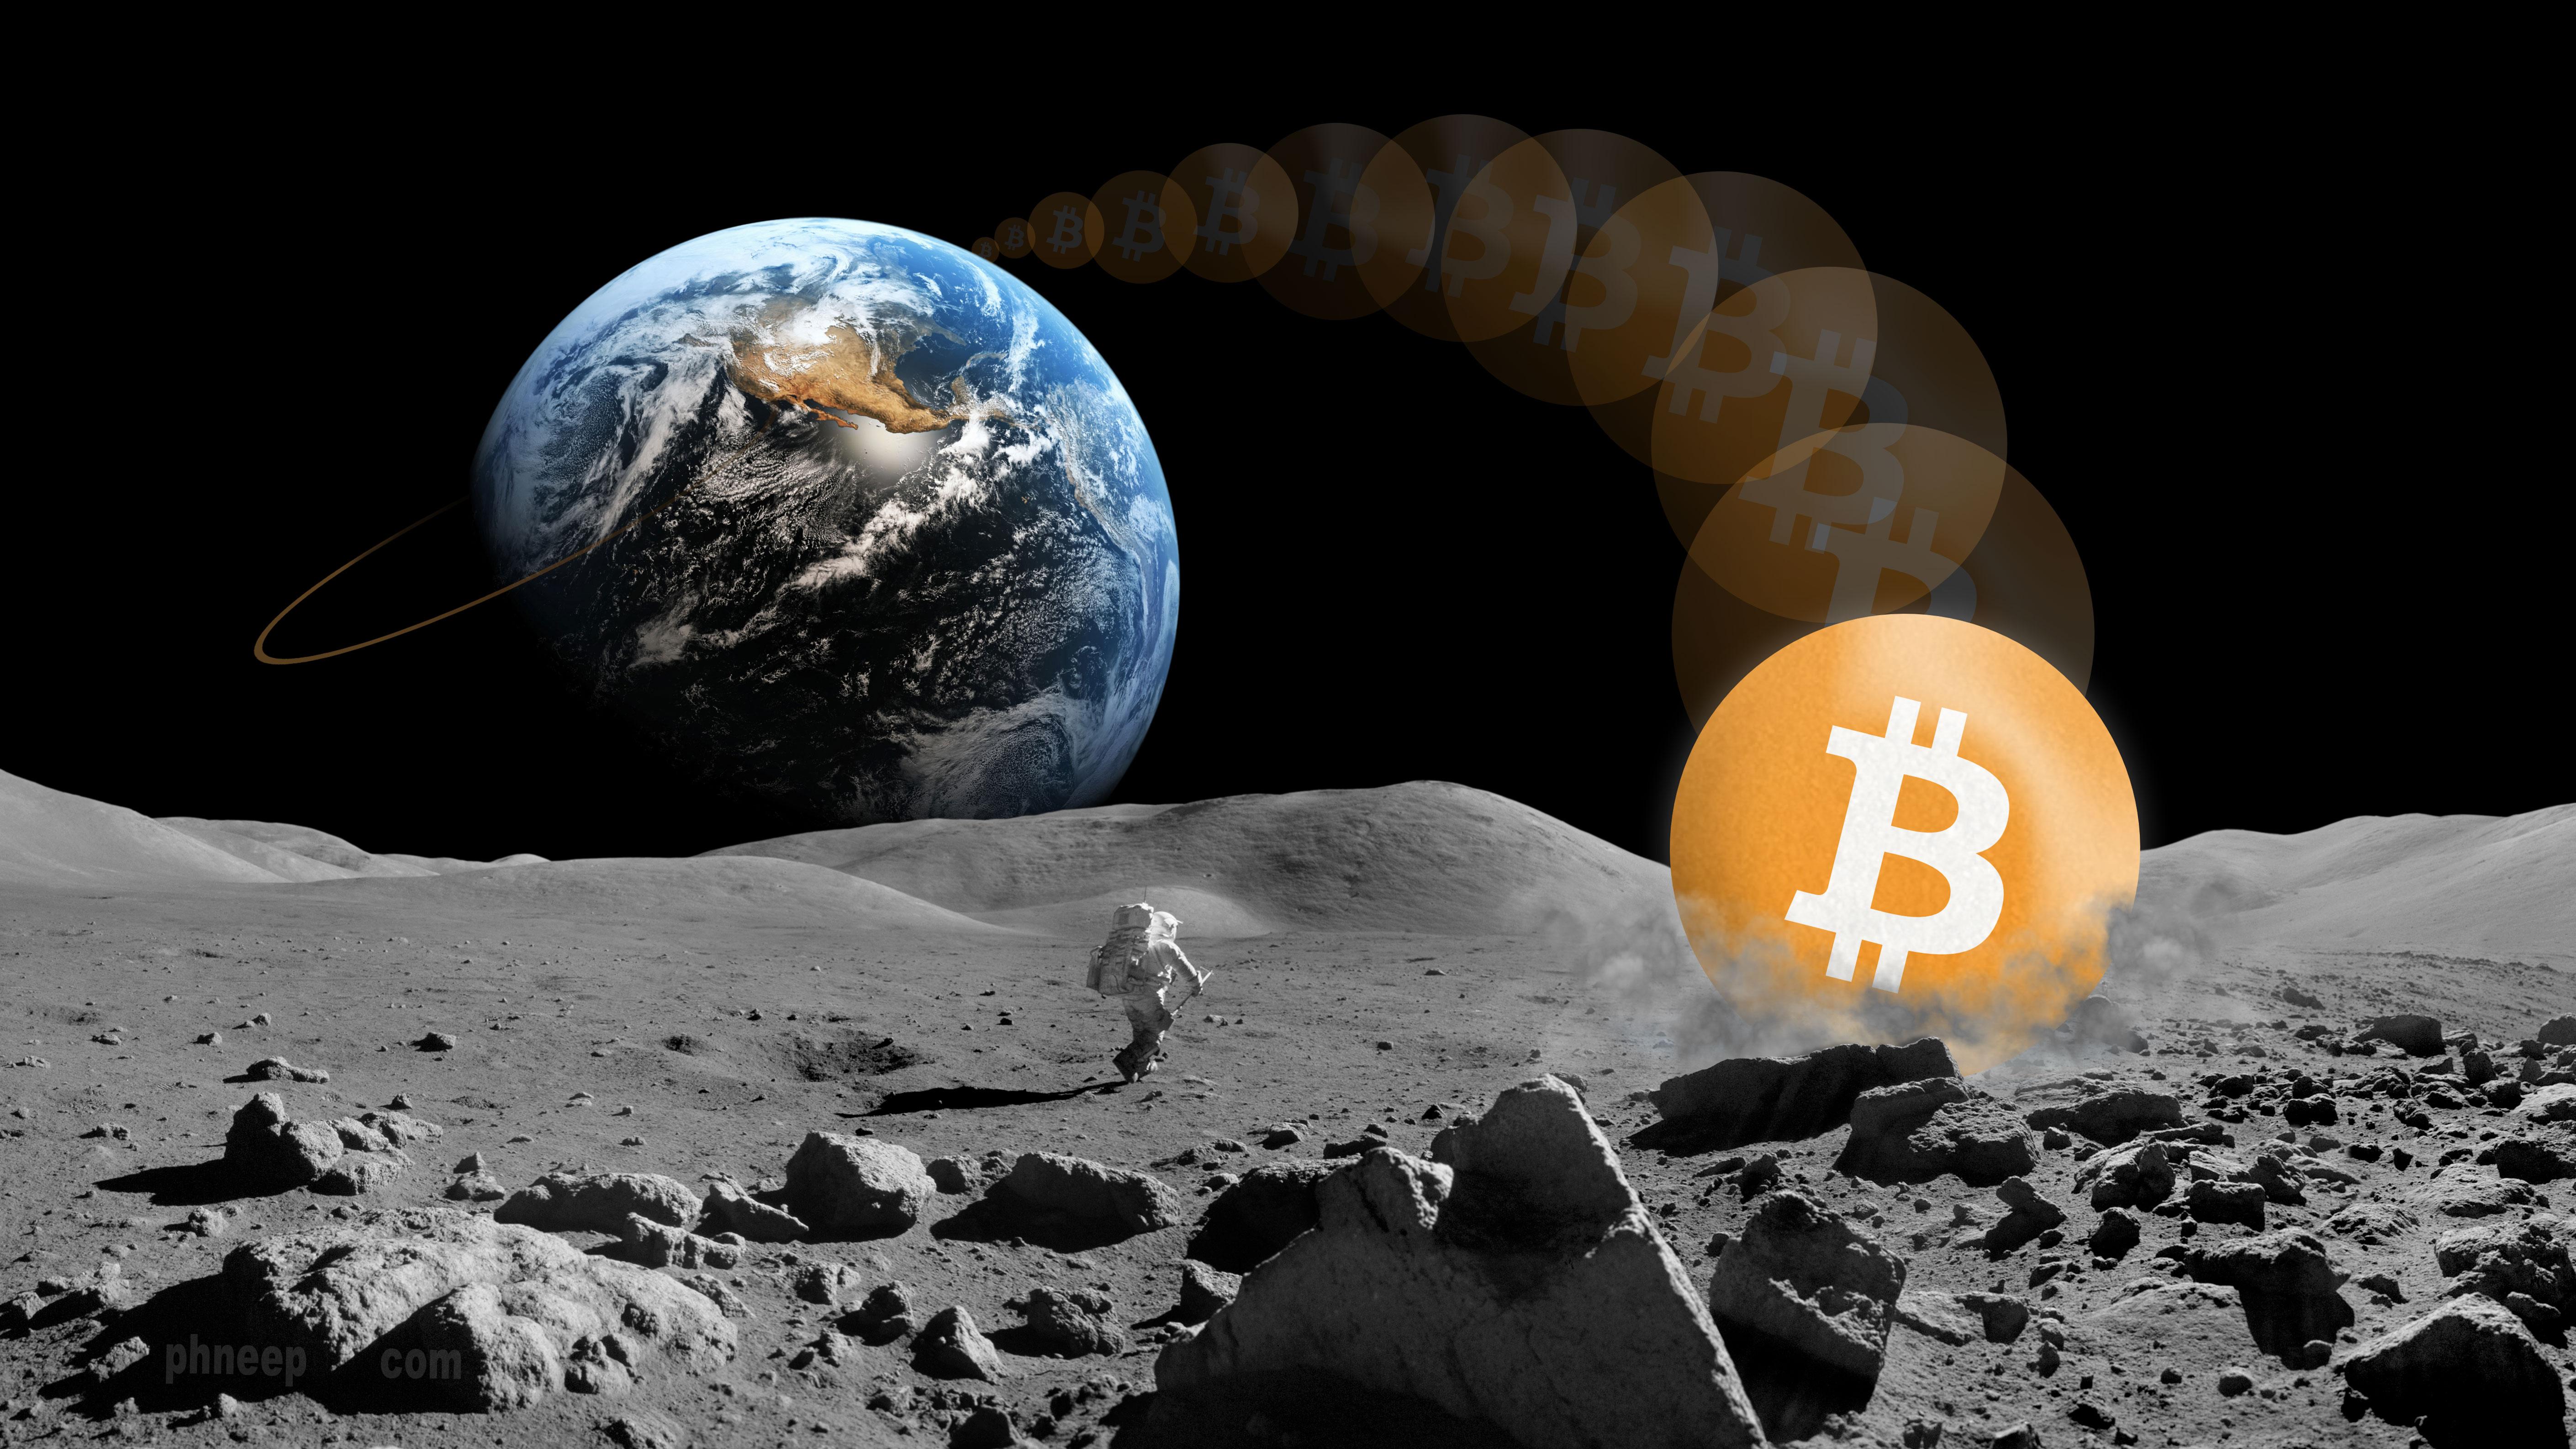 500 milliards de dollars de valorisation, qu'est-ce qui explique l'envolée du Bitcoin et des crypto-monnaies ?